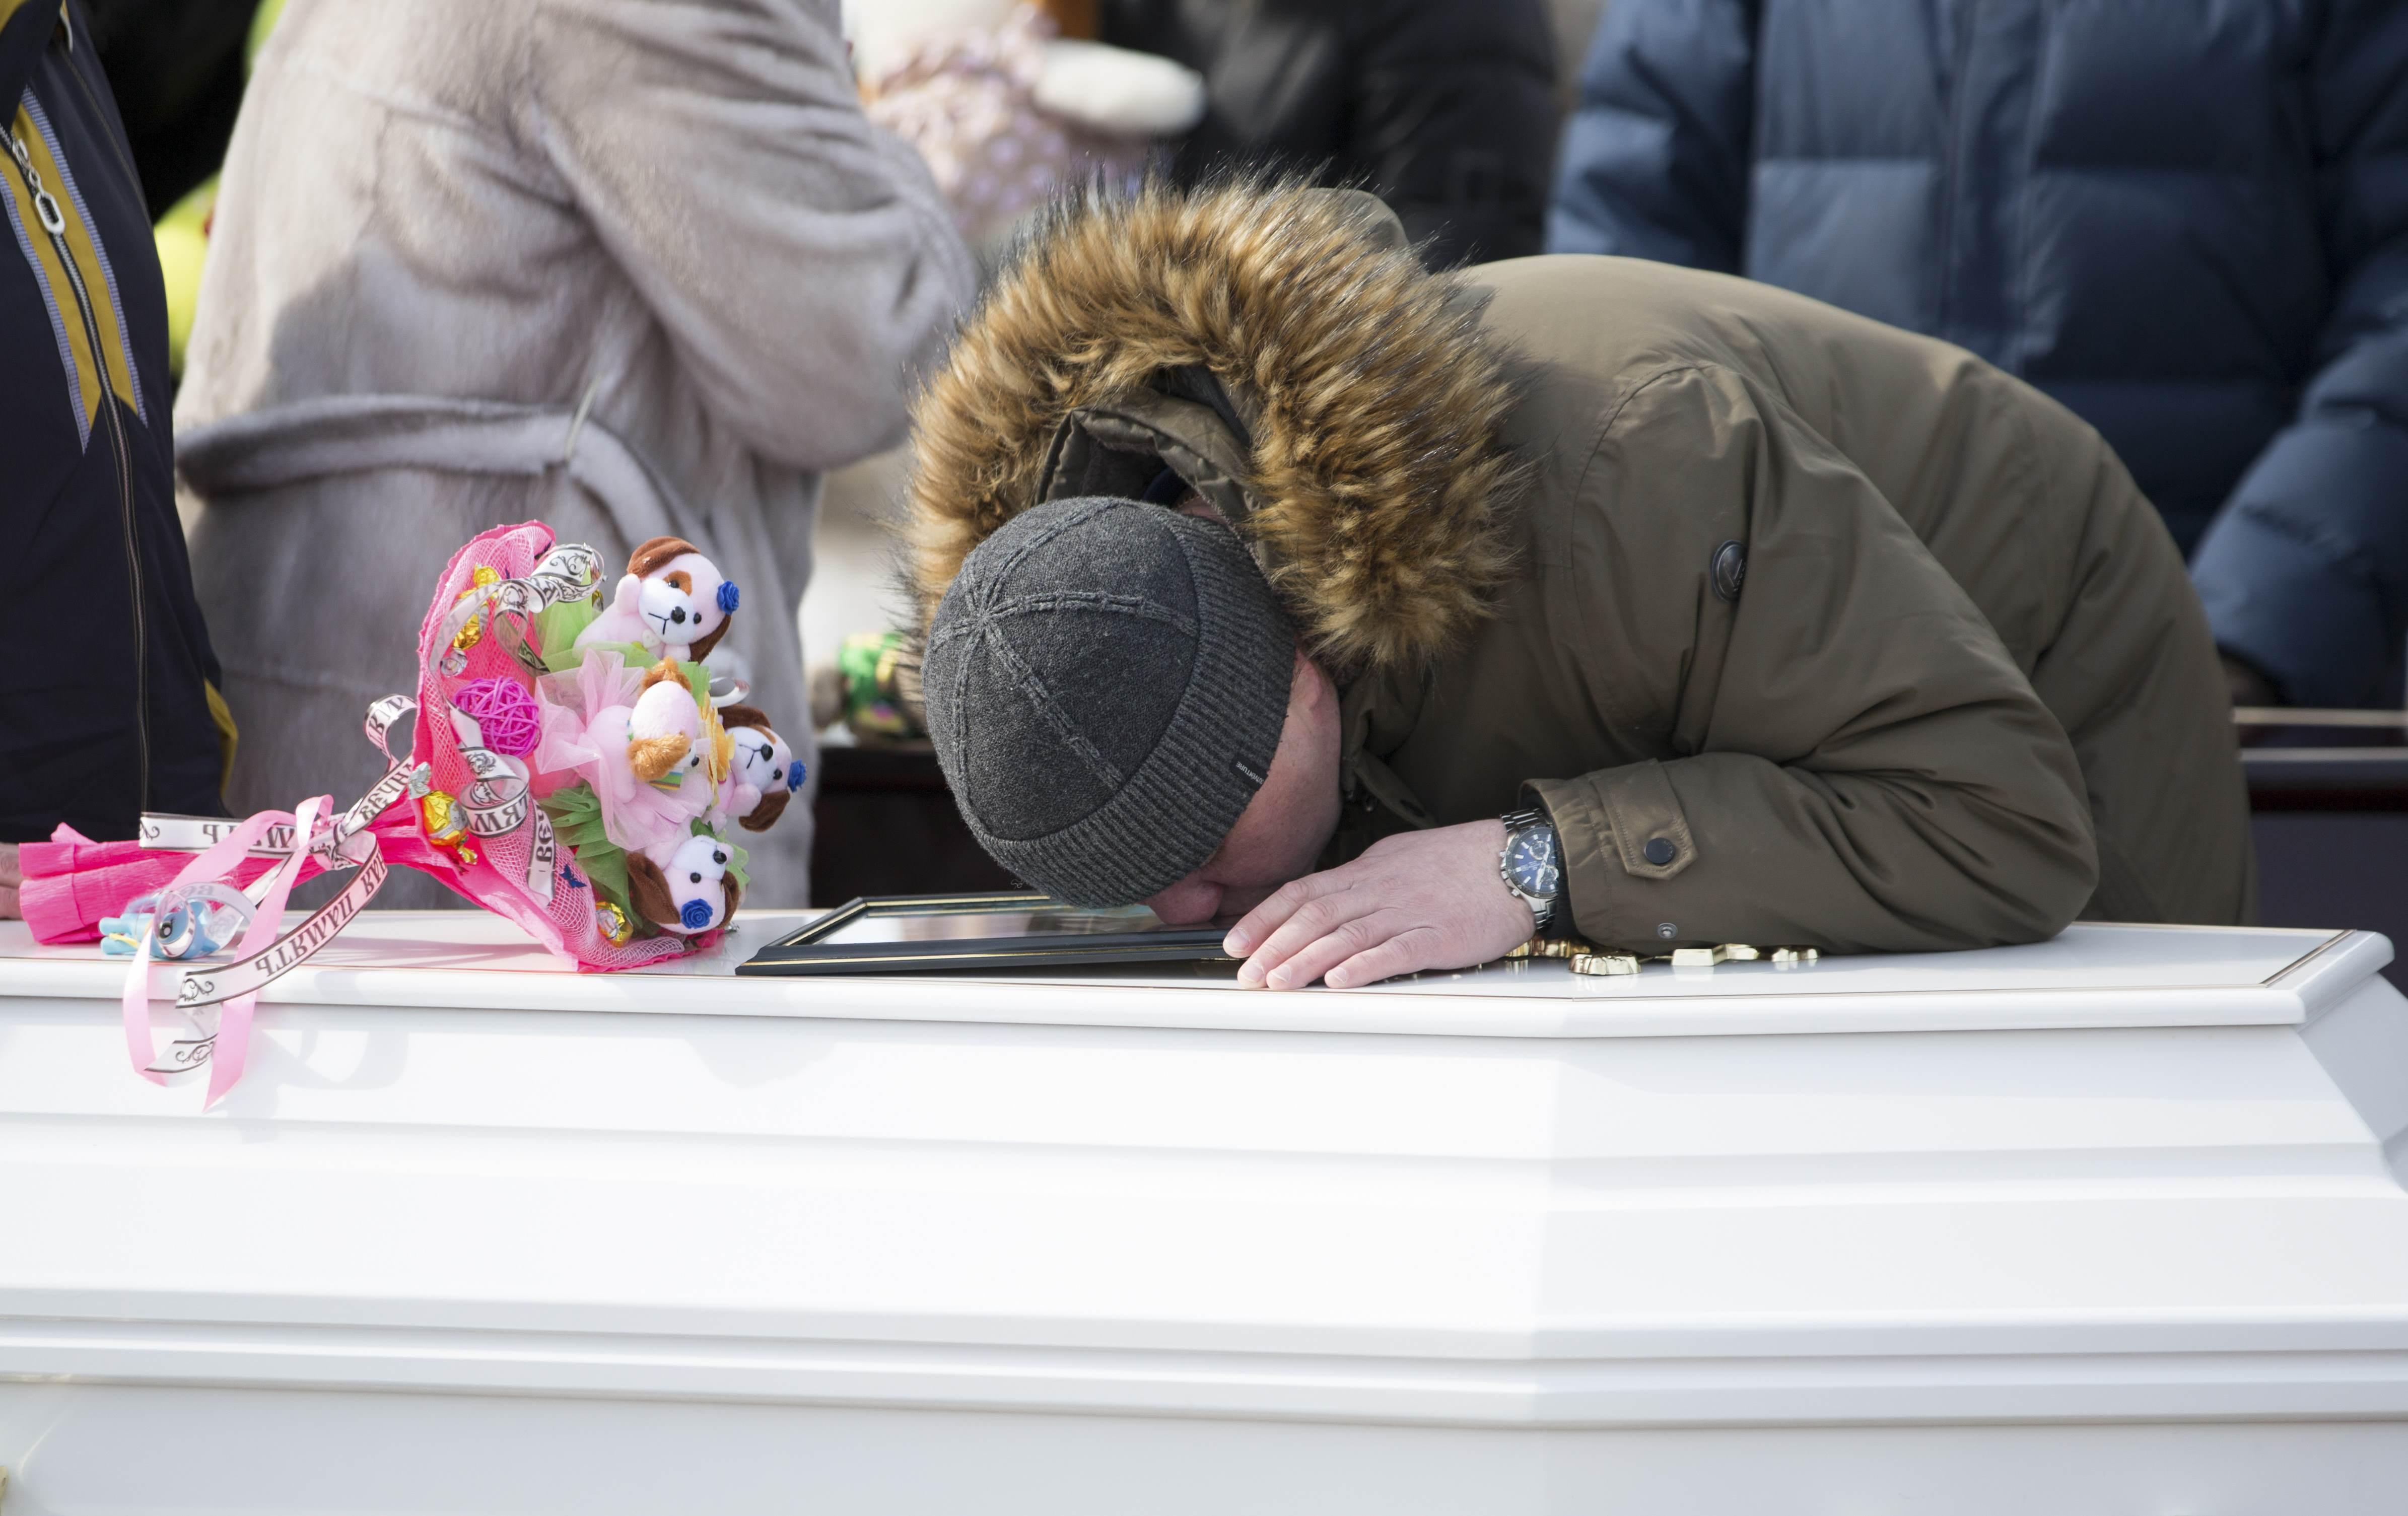 Últimos 37 fallecidos del incendio de Kémerovo serán sepultados este fin de semana